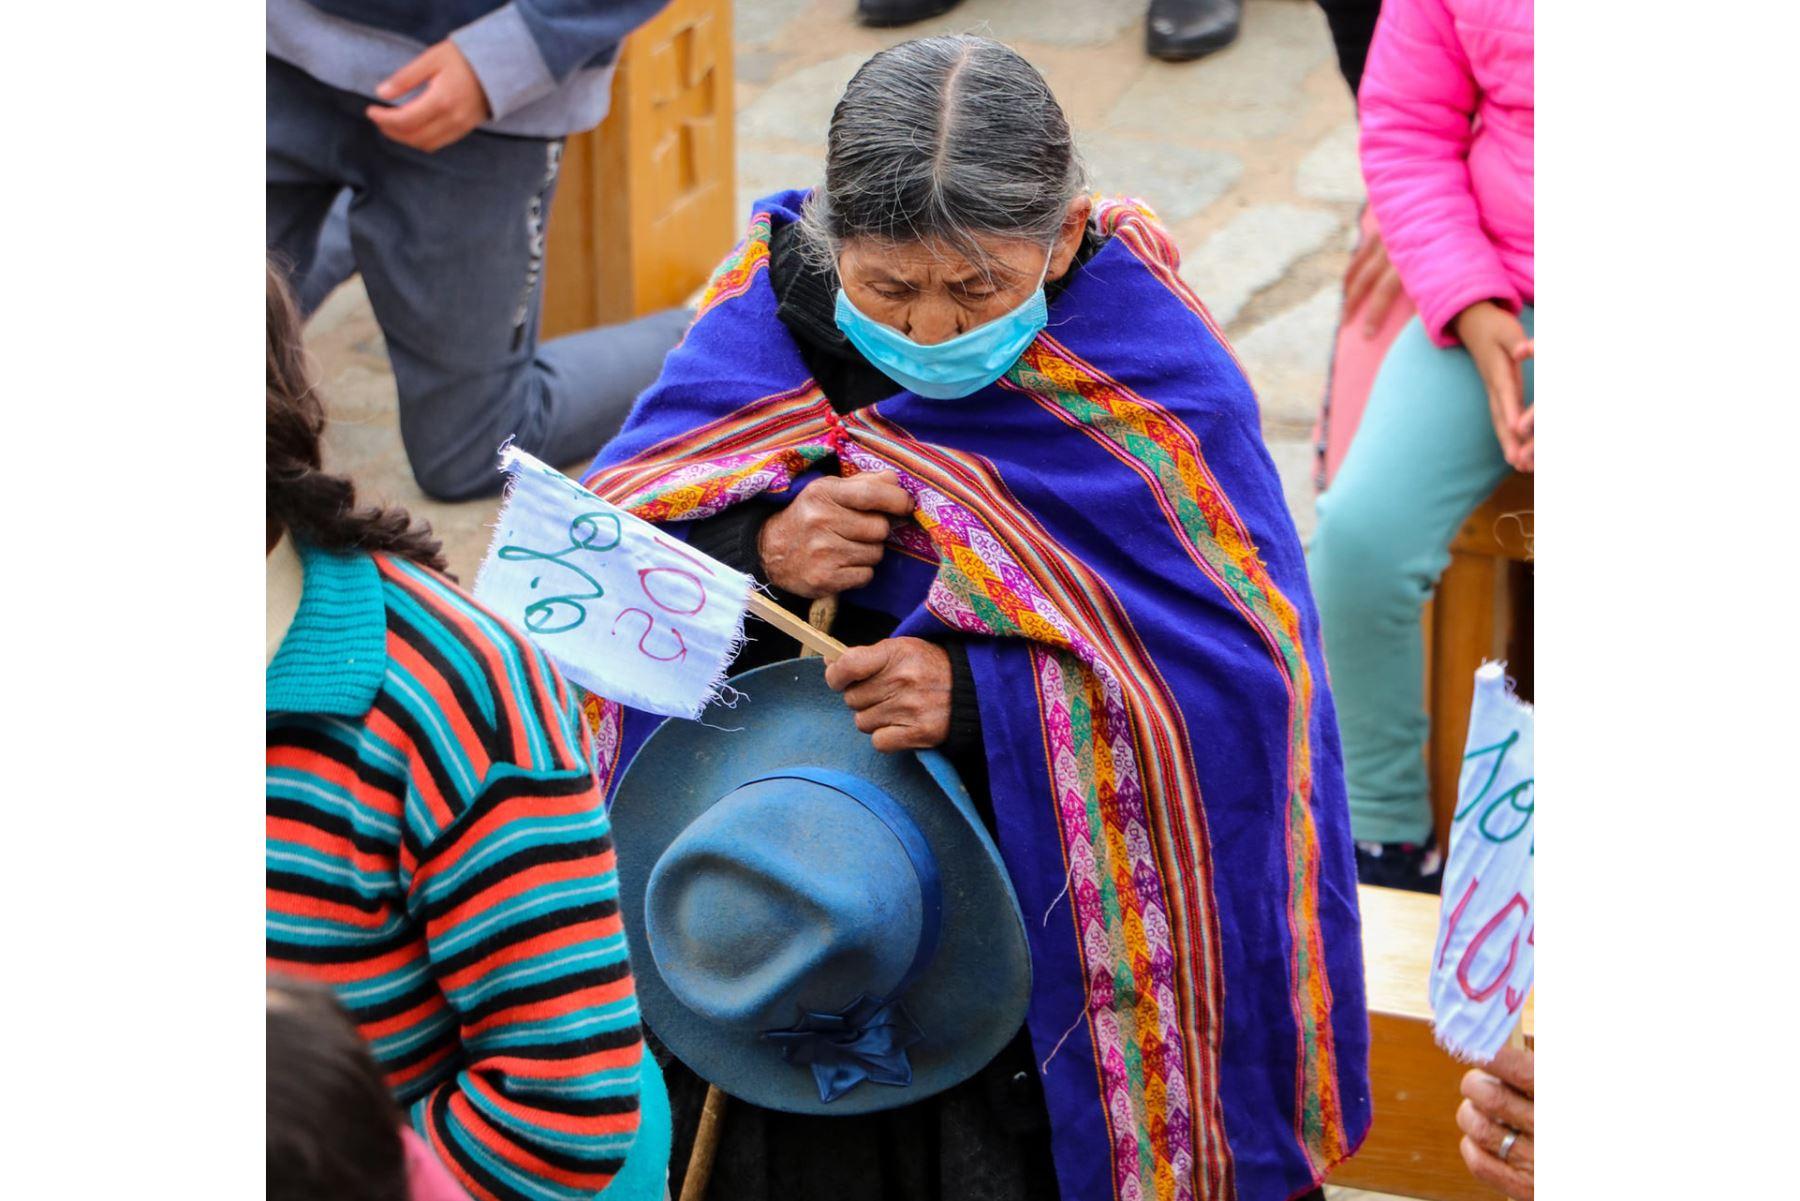 La liturgia en honor al padre Ugo de Censi fue transmitida a través de Facebook Live. Aunque también llegaron  fieles a la iglesia con mascarillas y manteniendo la distancia. Foto: Municipalidad de Asunción